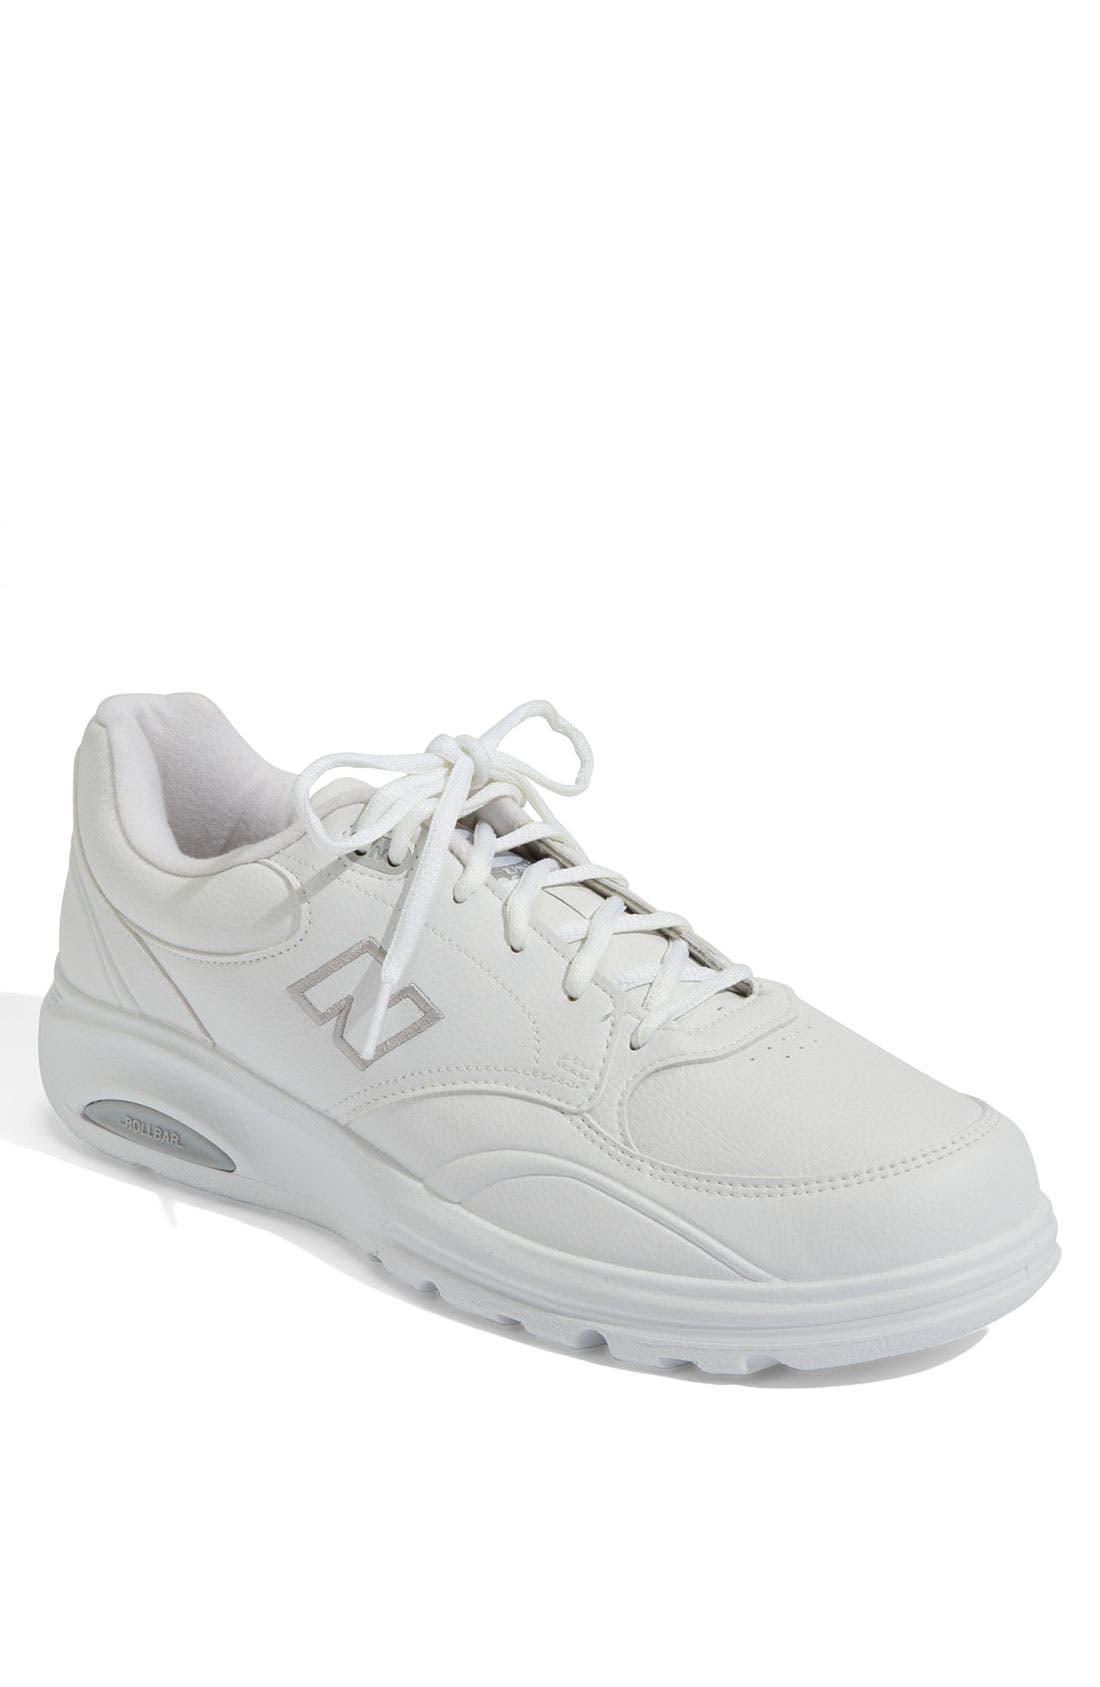 Alternate Image 1 Selected - New Balance '812' Walking Shoe (Men)